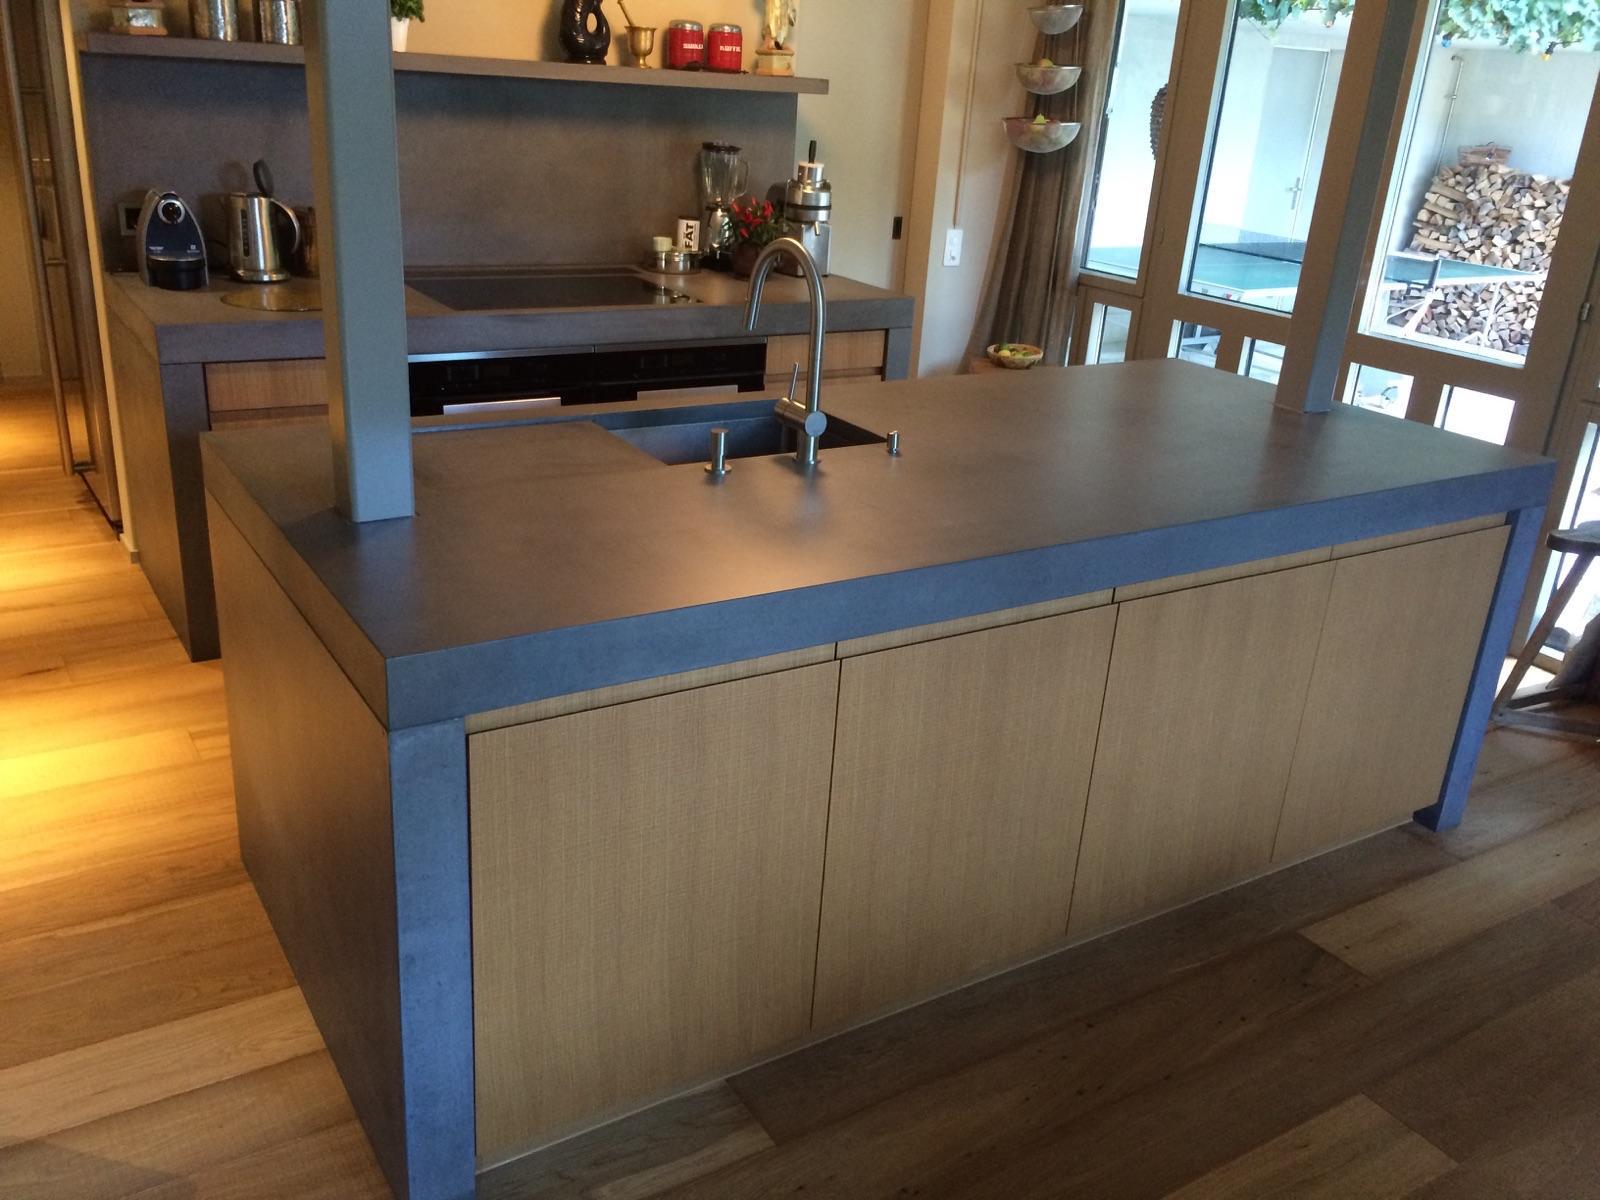 BETON KÜCHE | DESIGN BEISPIEL - Küchenarbeitsflächen von Dade Design ...